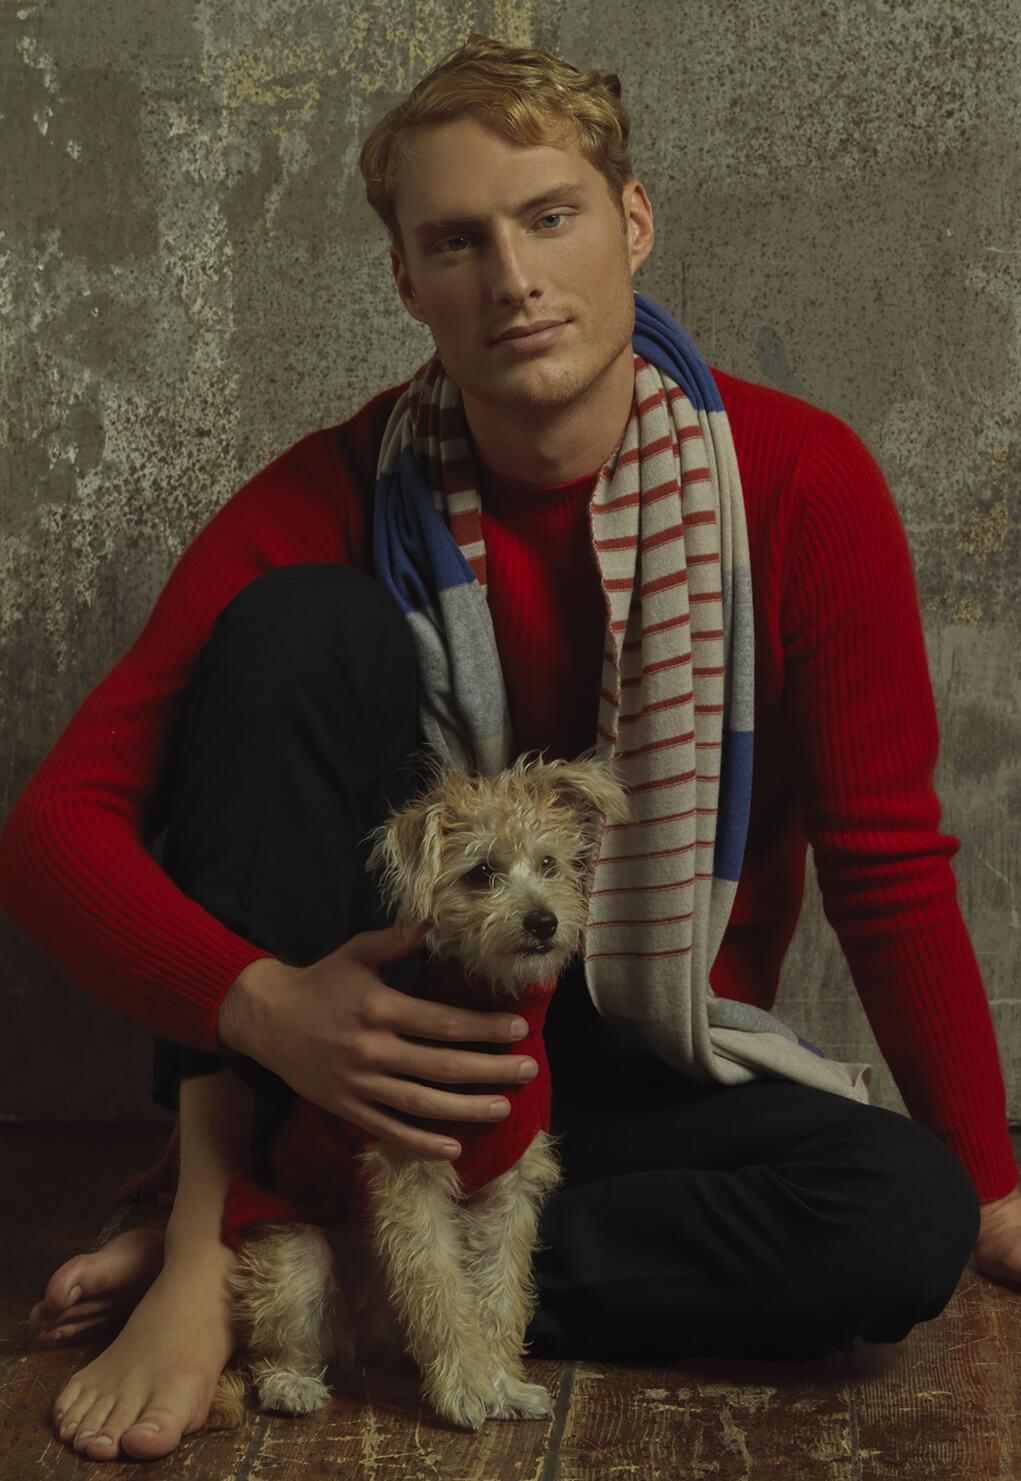 Duca di San Giusto cashmere Mirko Burin Fashion stylist 6